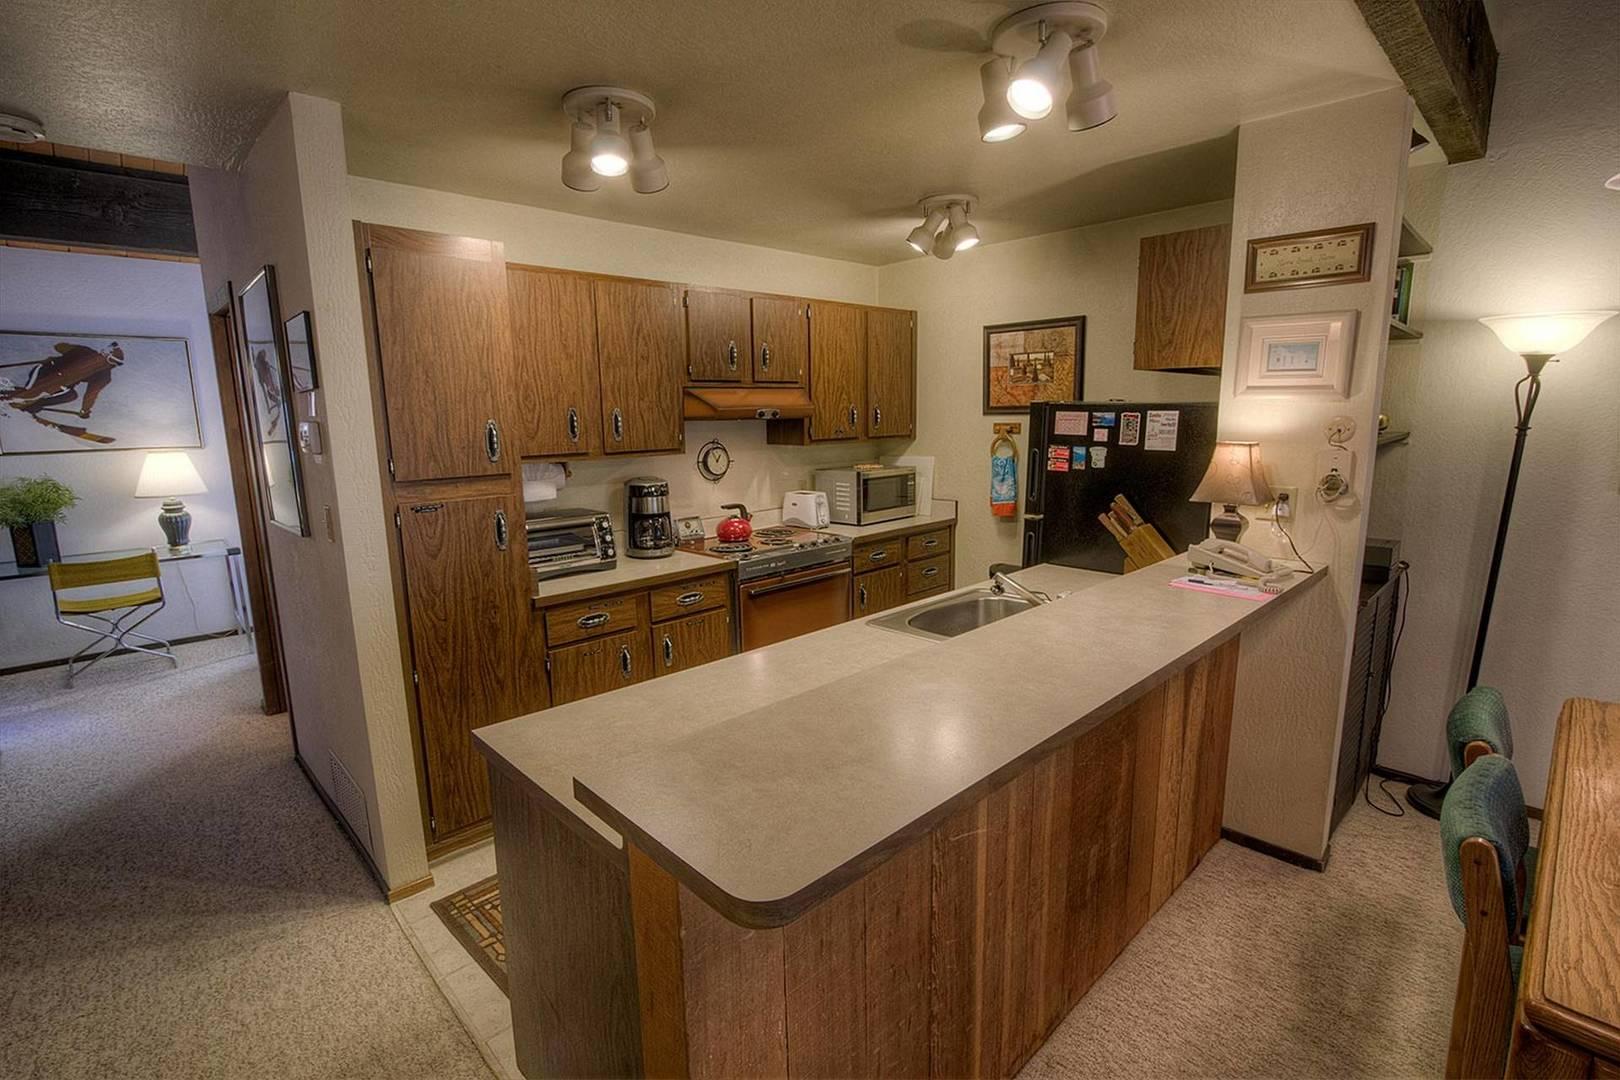 KWC0655 Kitchen